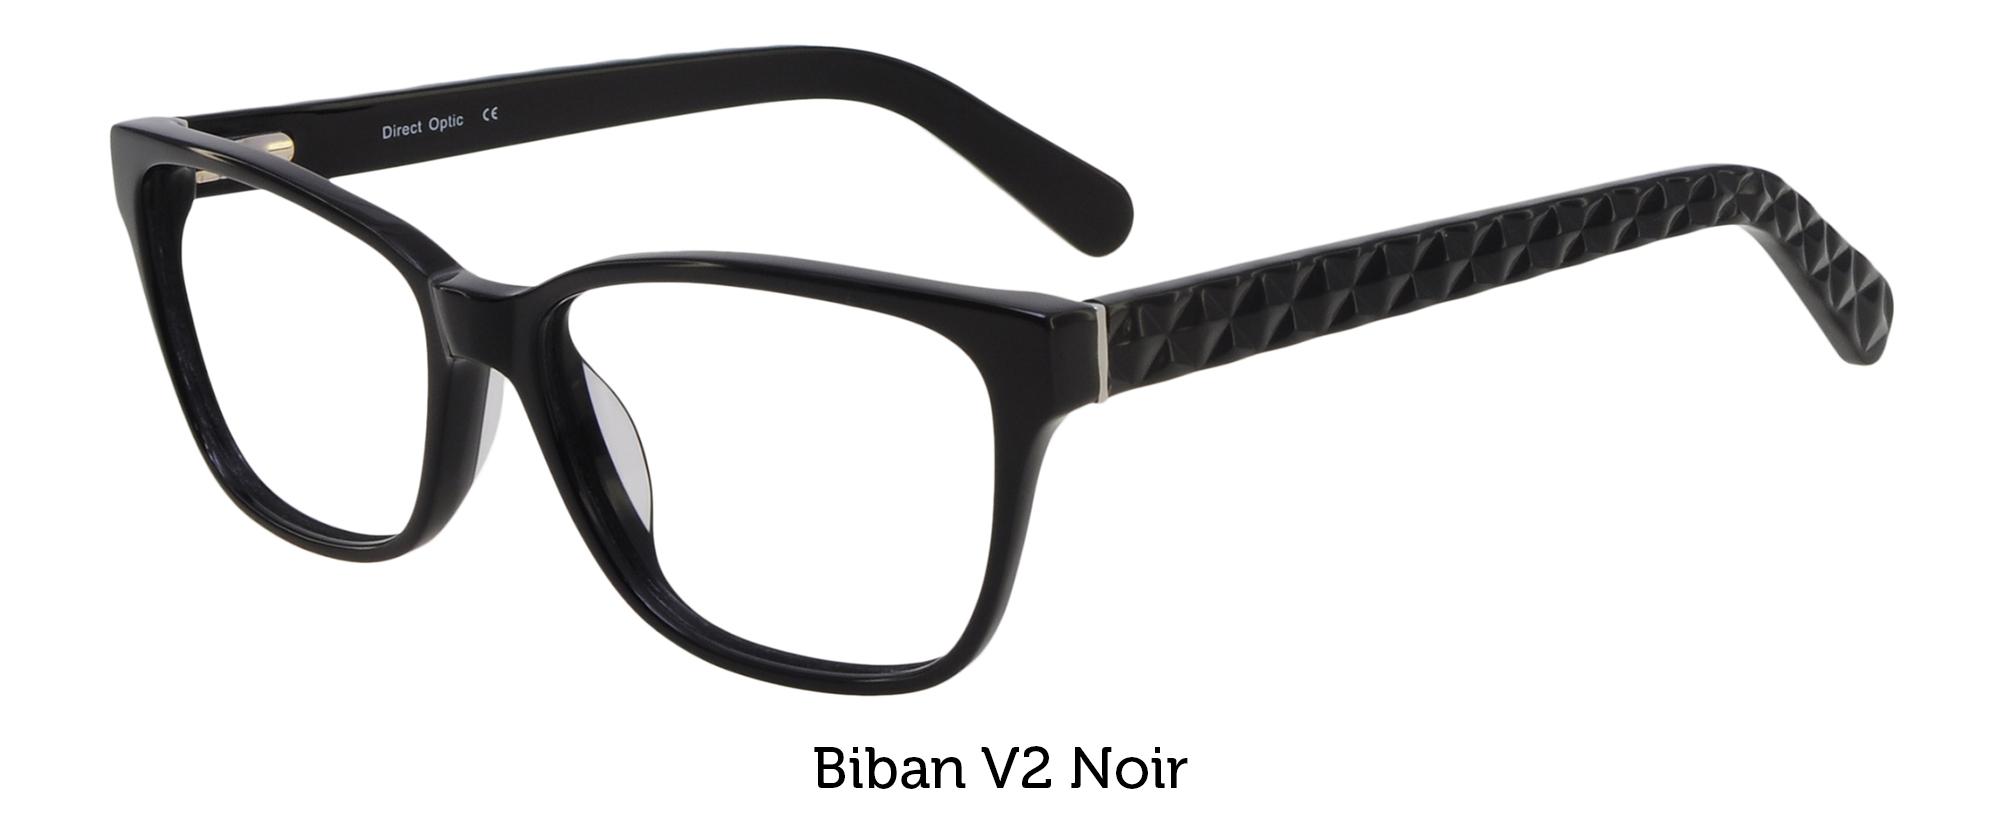 0c36f924b7abe Monture lunette securite sociale - Tout sur les lunettes